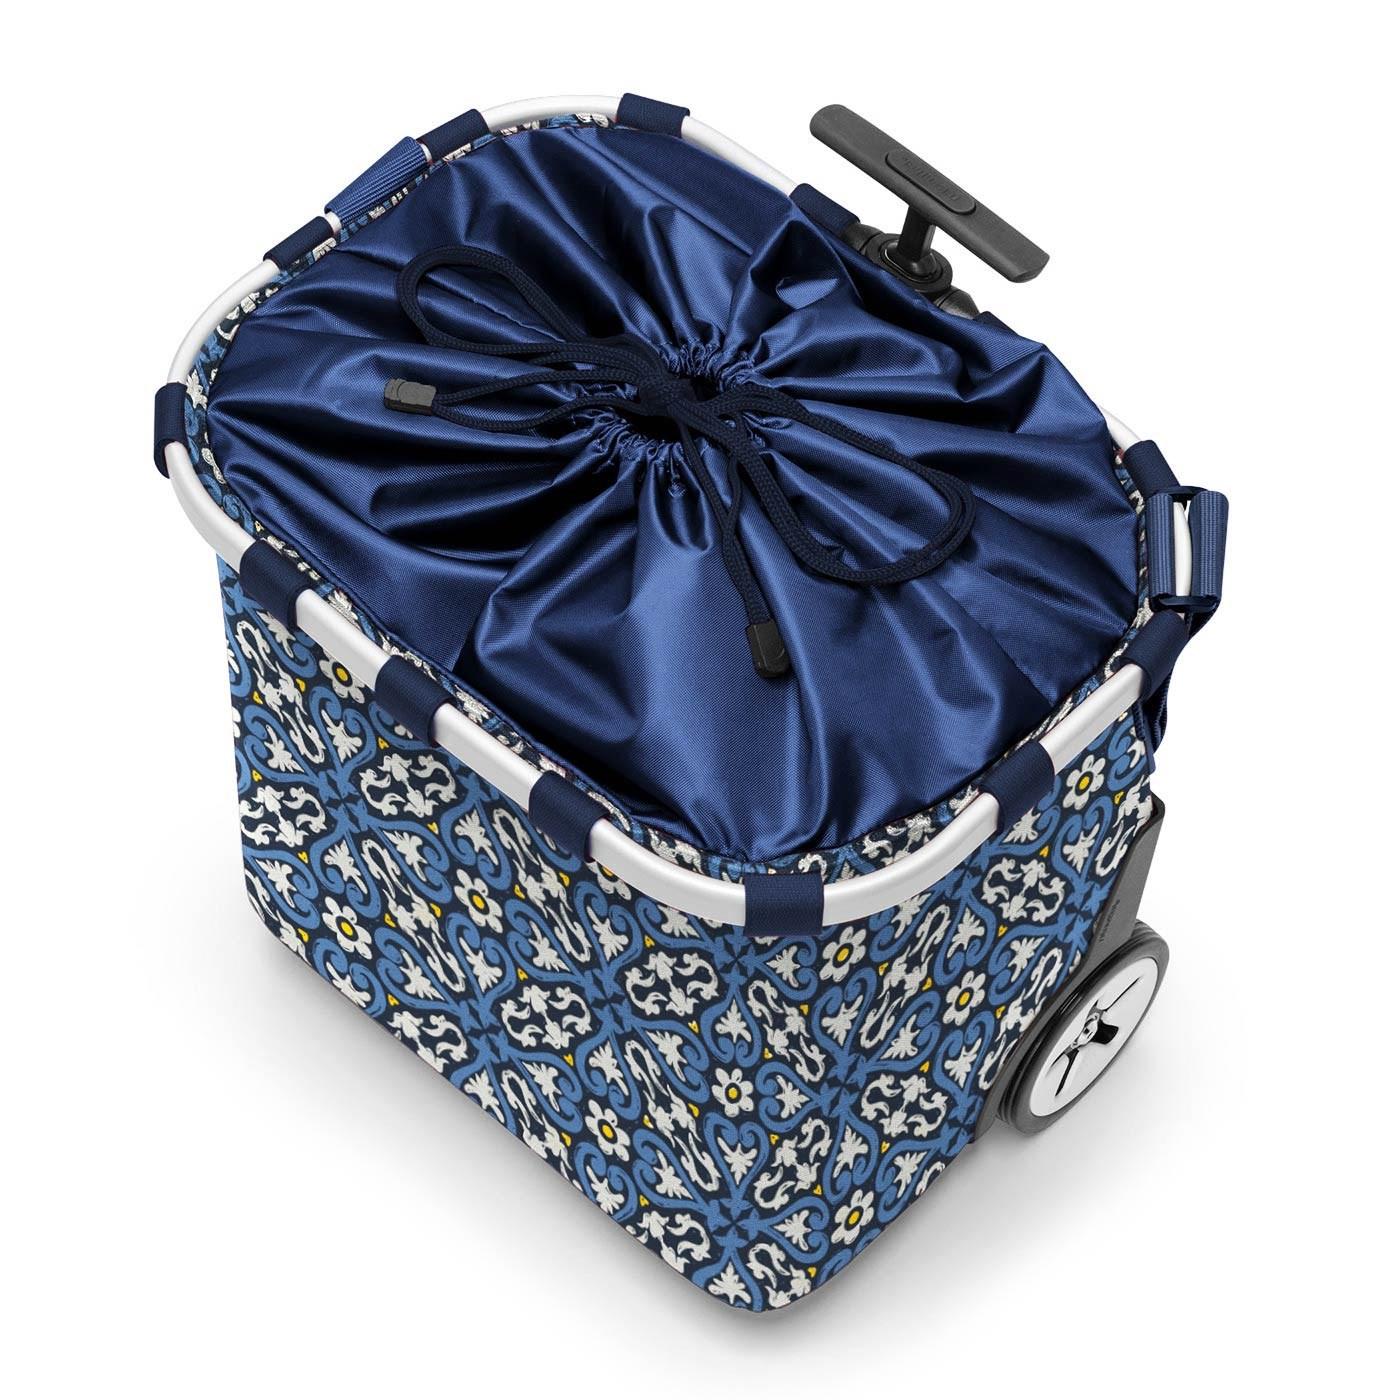 Taška na kolečkách Carrycruiser floral 1_0